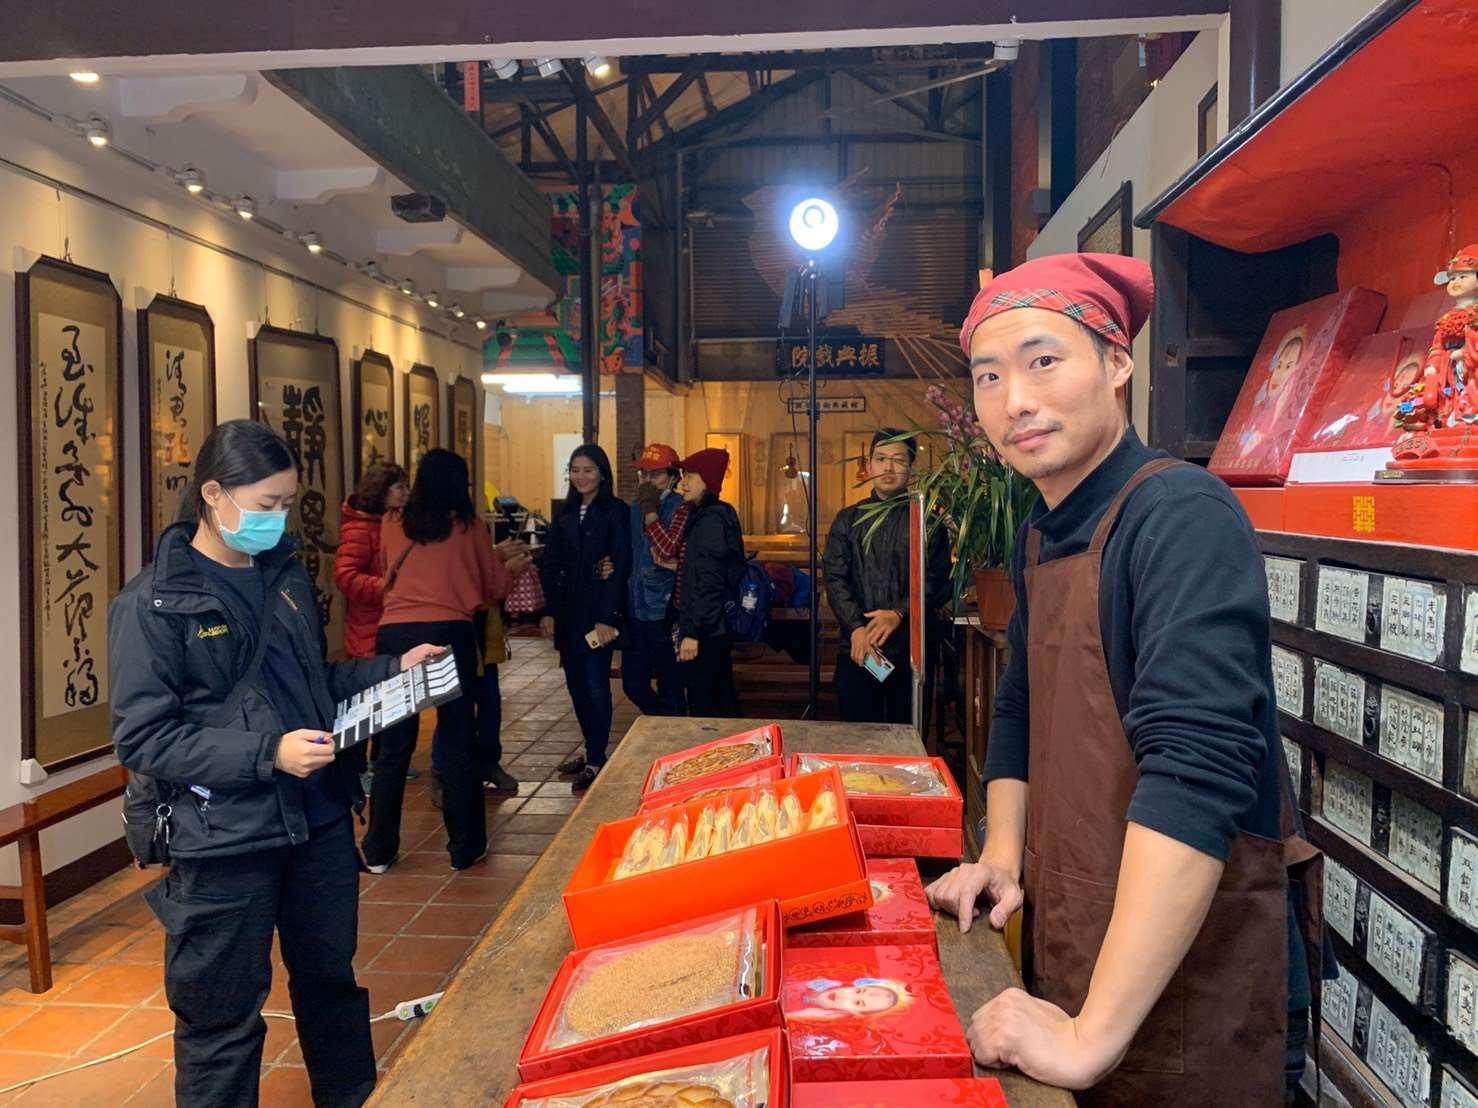 陳璧君處長提到,北港是個有溫度的小鎮,也是雲林及台灣質樸人情味的縮影,北港也是個最具故事性的大IP